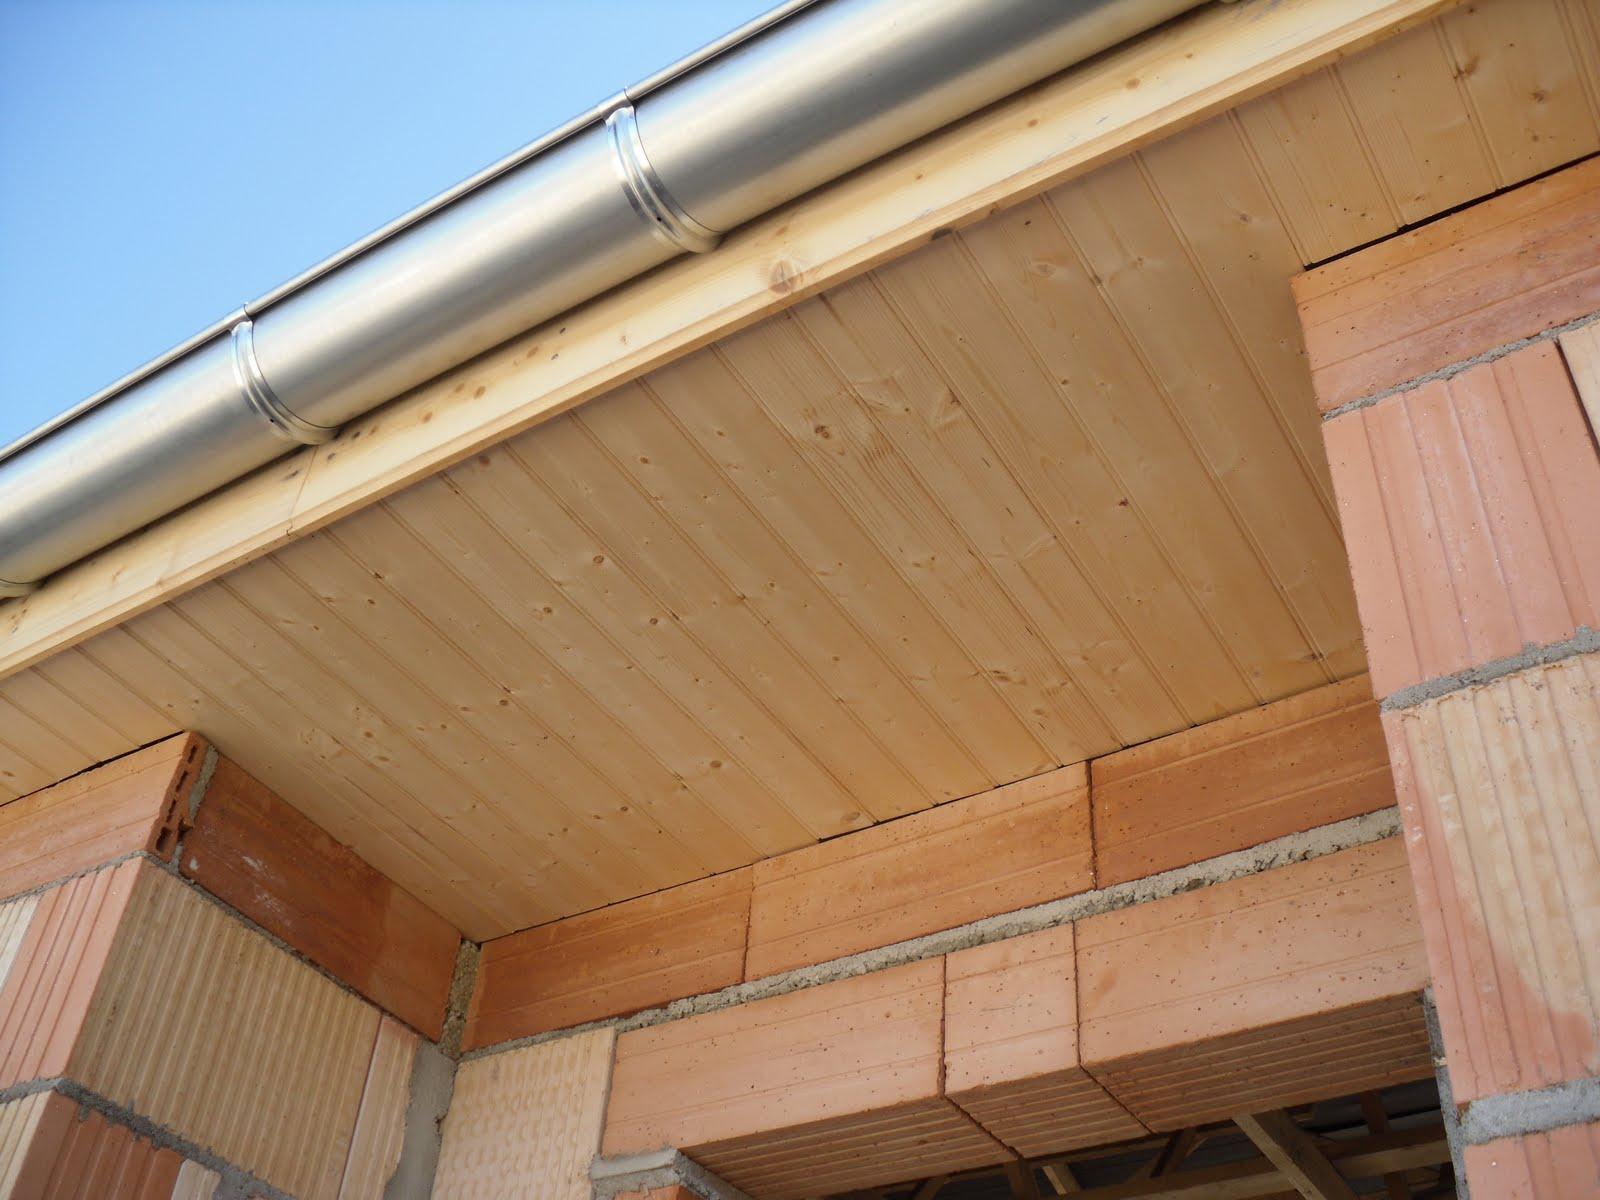 Construction de notre maison: Les tuiles, chéneaux et frisette sous débord de toiture